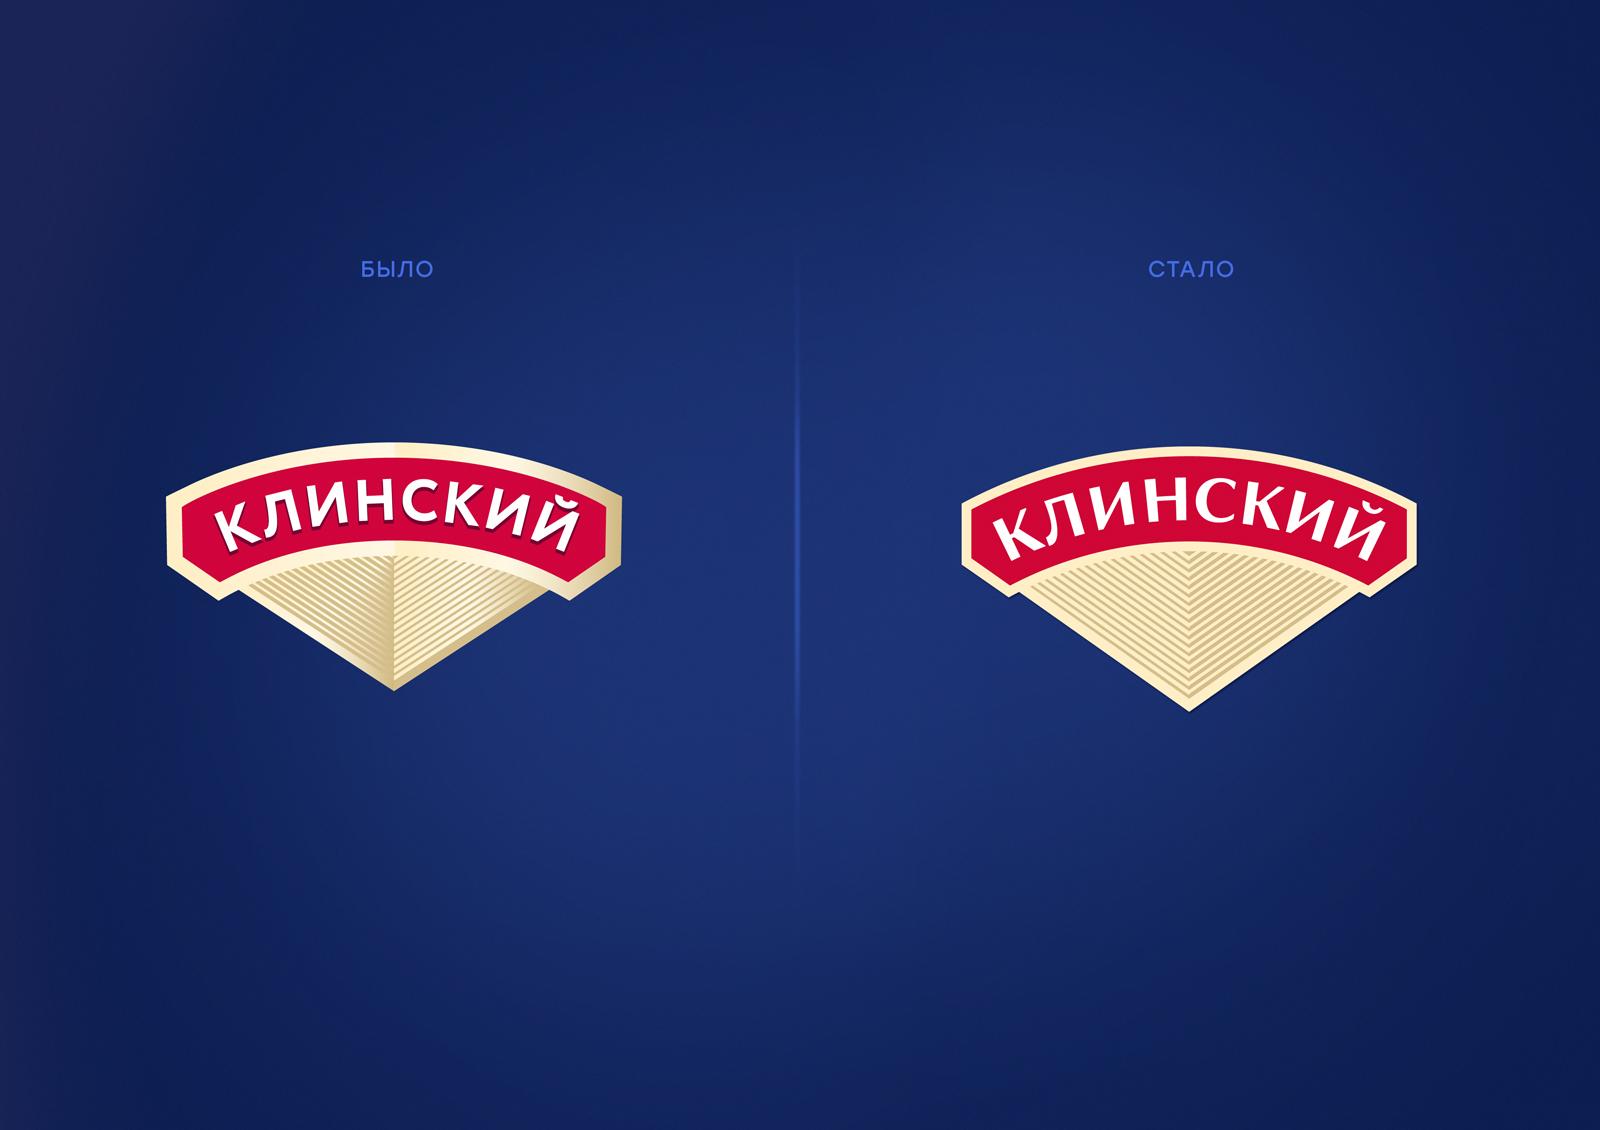 Работа со шрифтом в дизайне логотипа бренда «Клинский» позволяет подчеркнуть гастрономический характер бренда